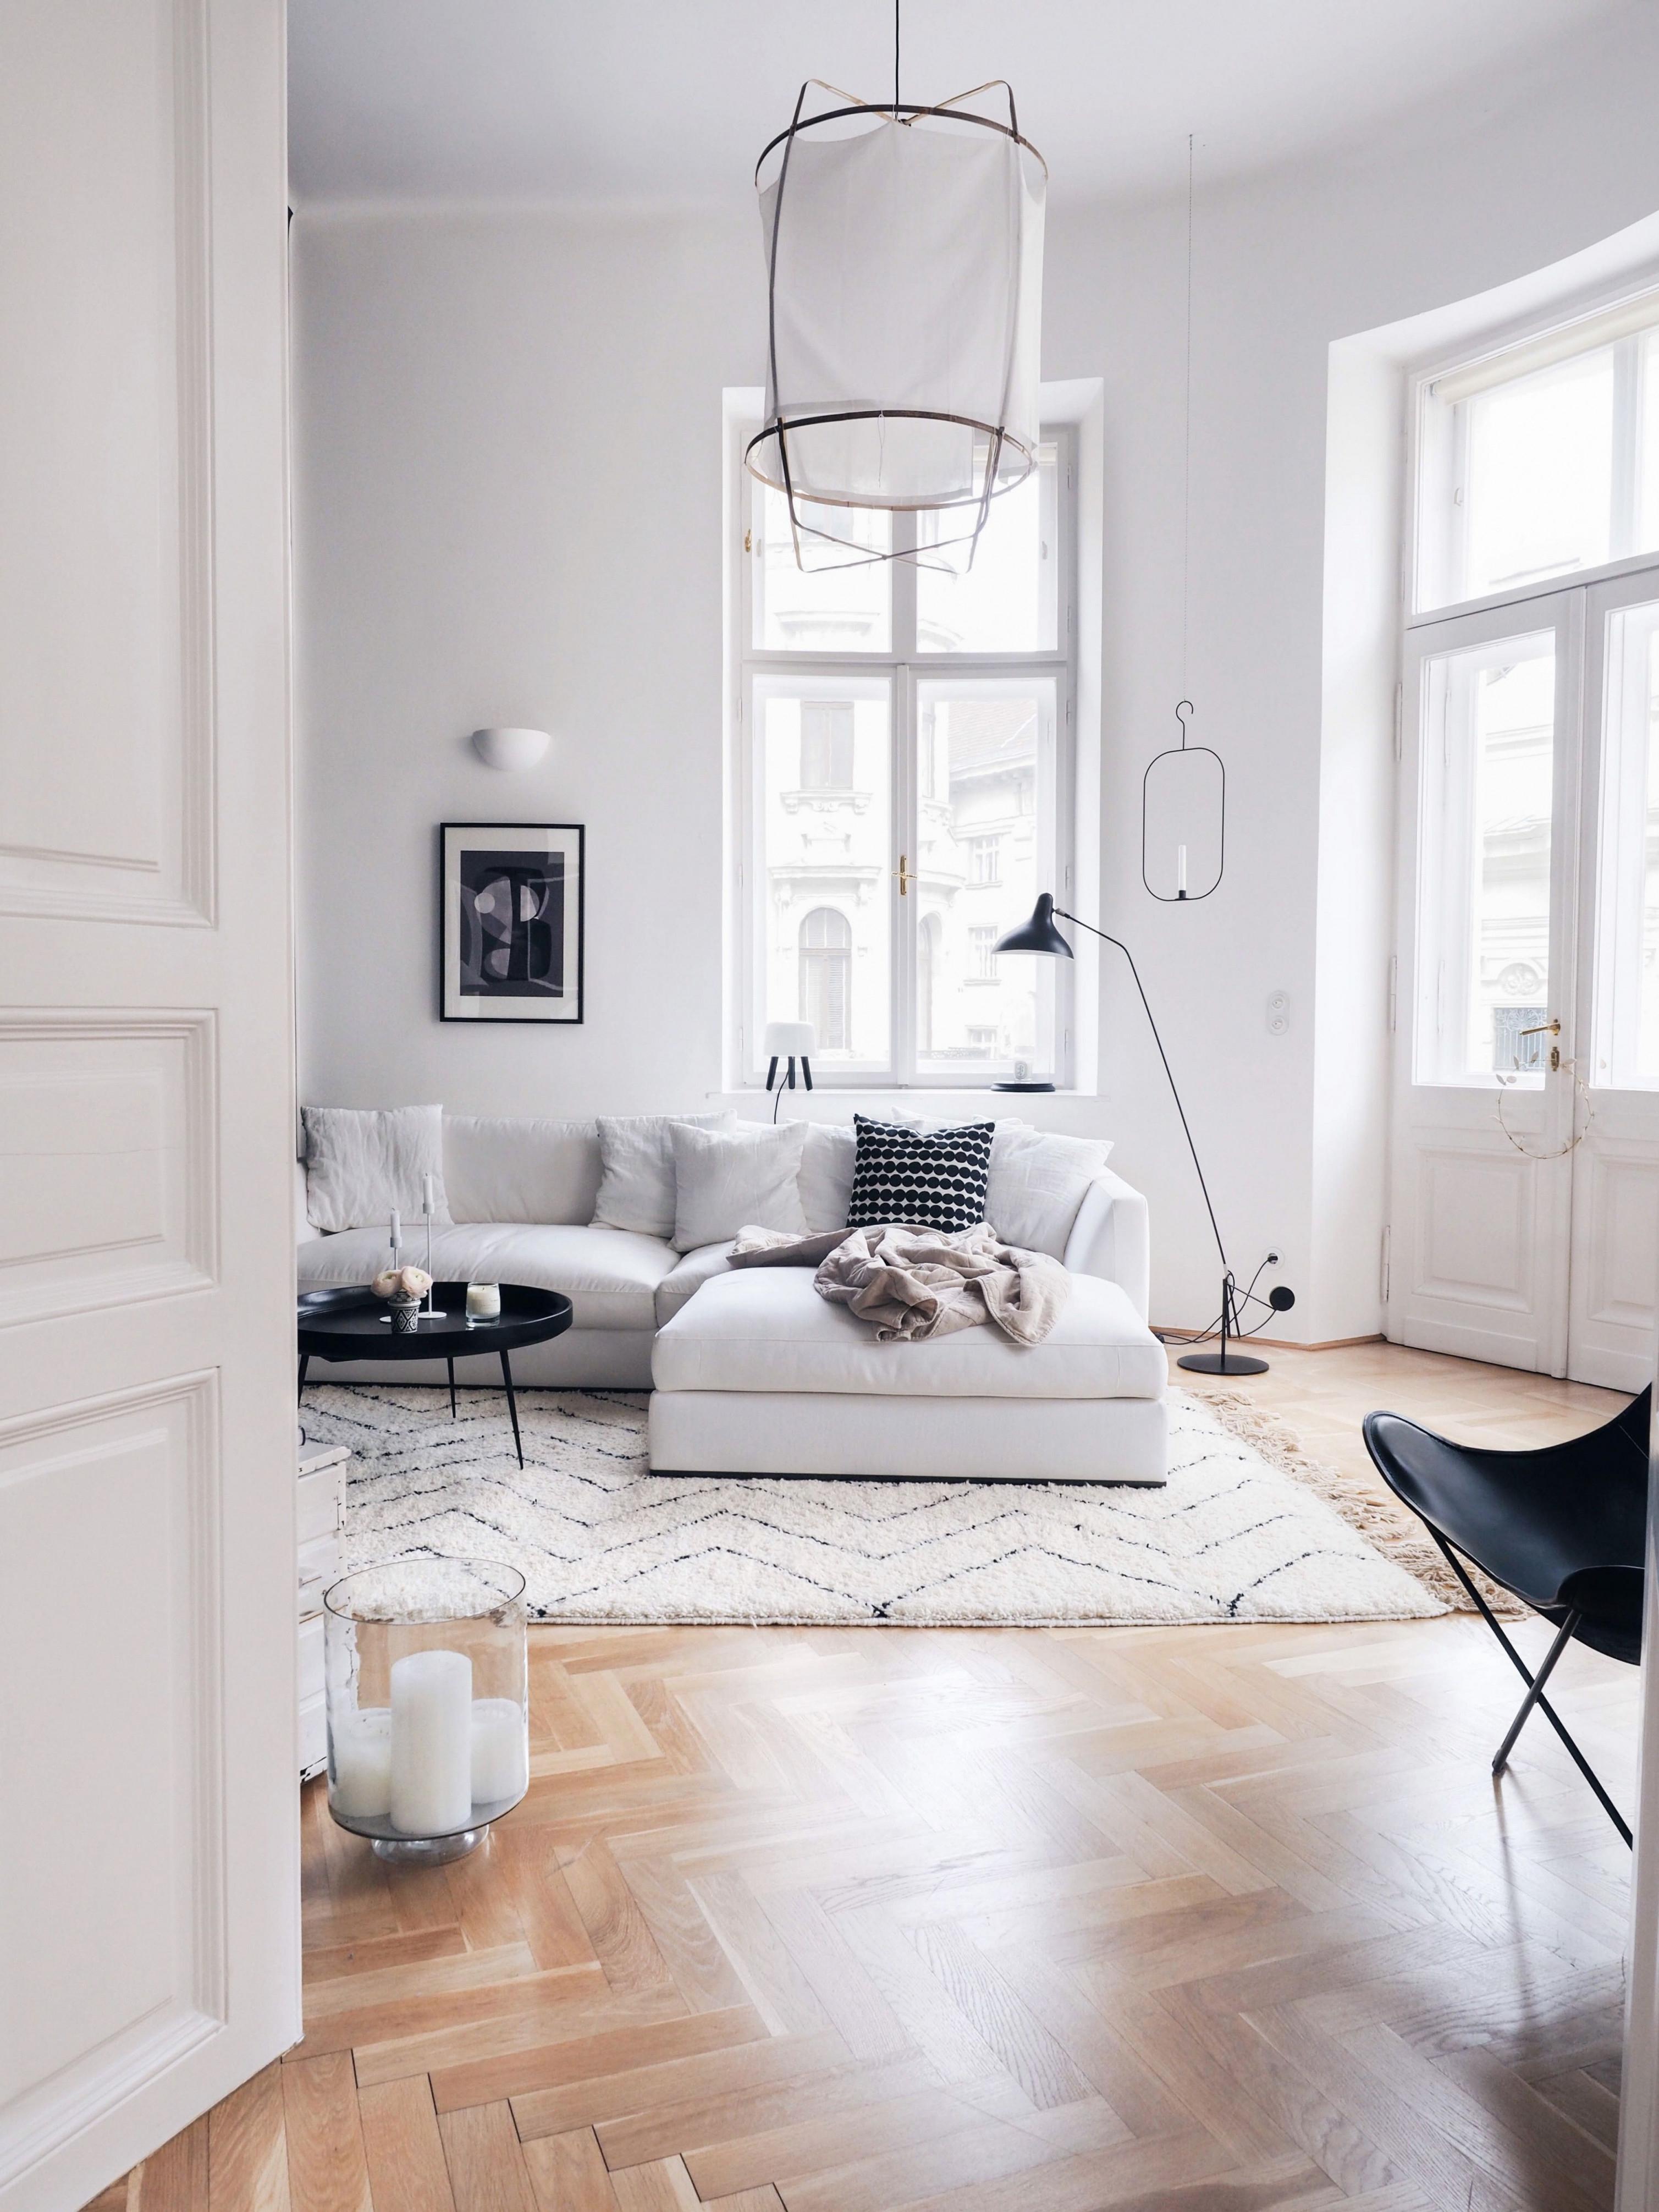 15 Wohnzimmer Ideen Altbau Rituale Die Sie Kennen Sollten 15 von Wohnzimmer Ideen Altbau Photo